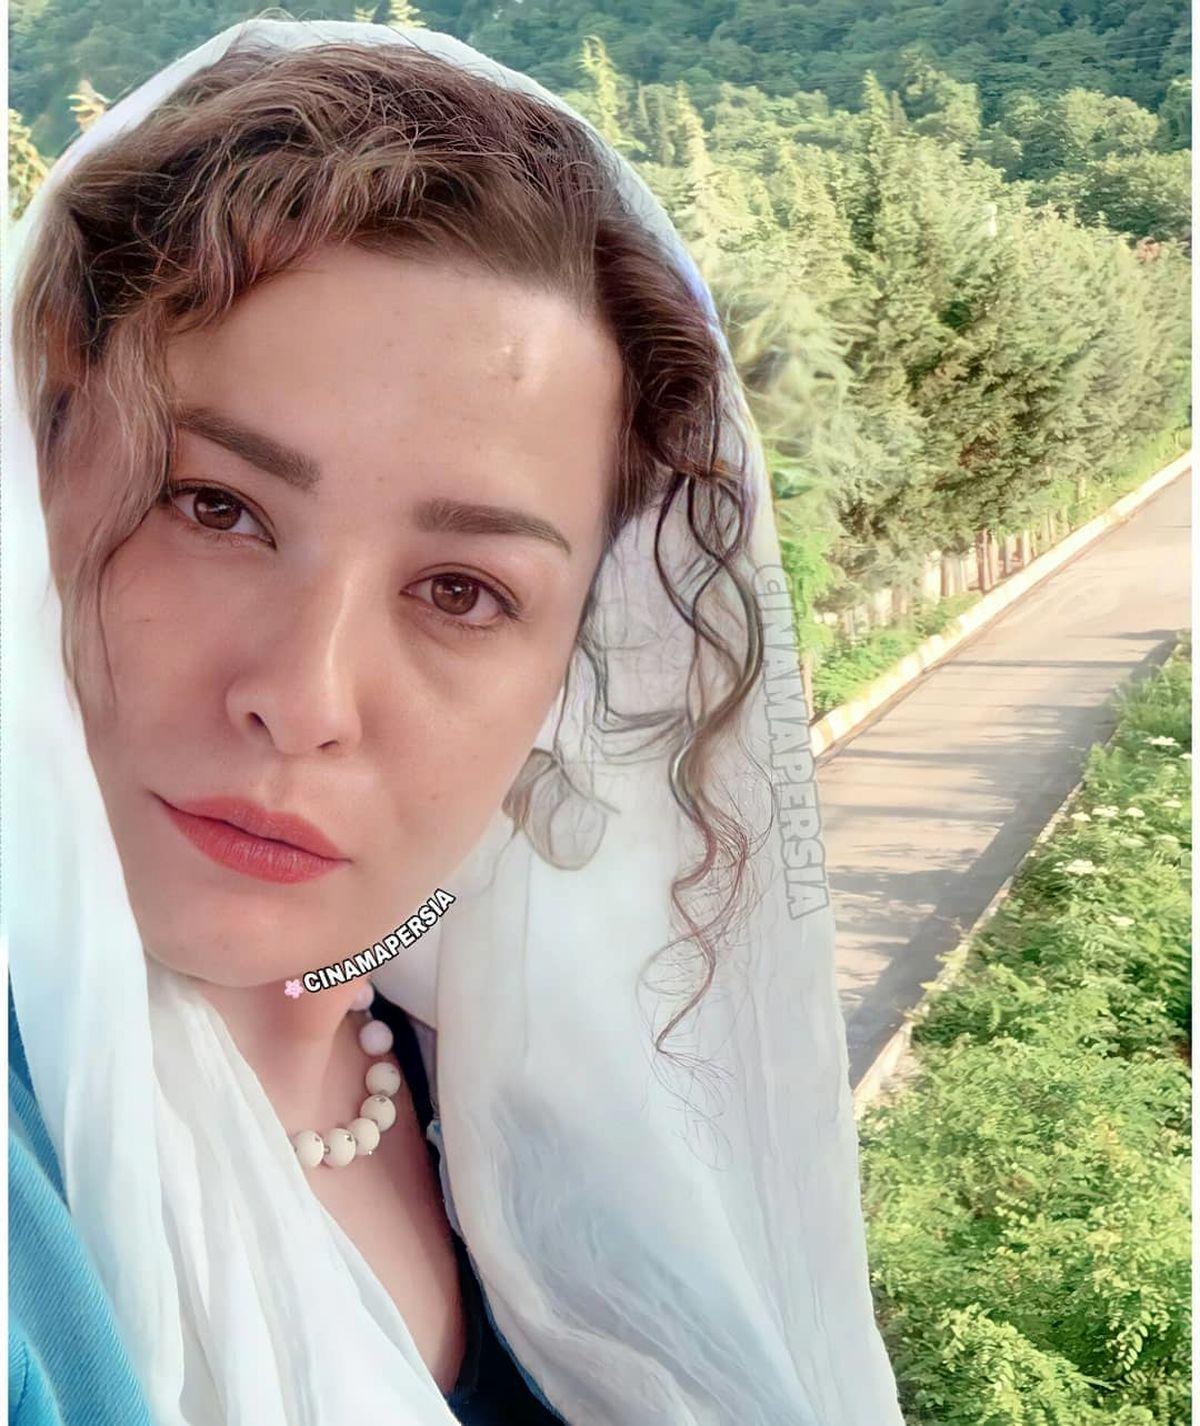 گردن مهراوه شریفی نیا +عکس